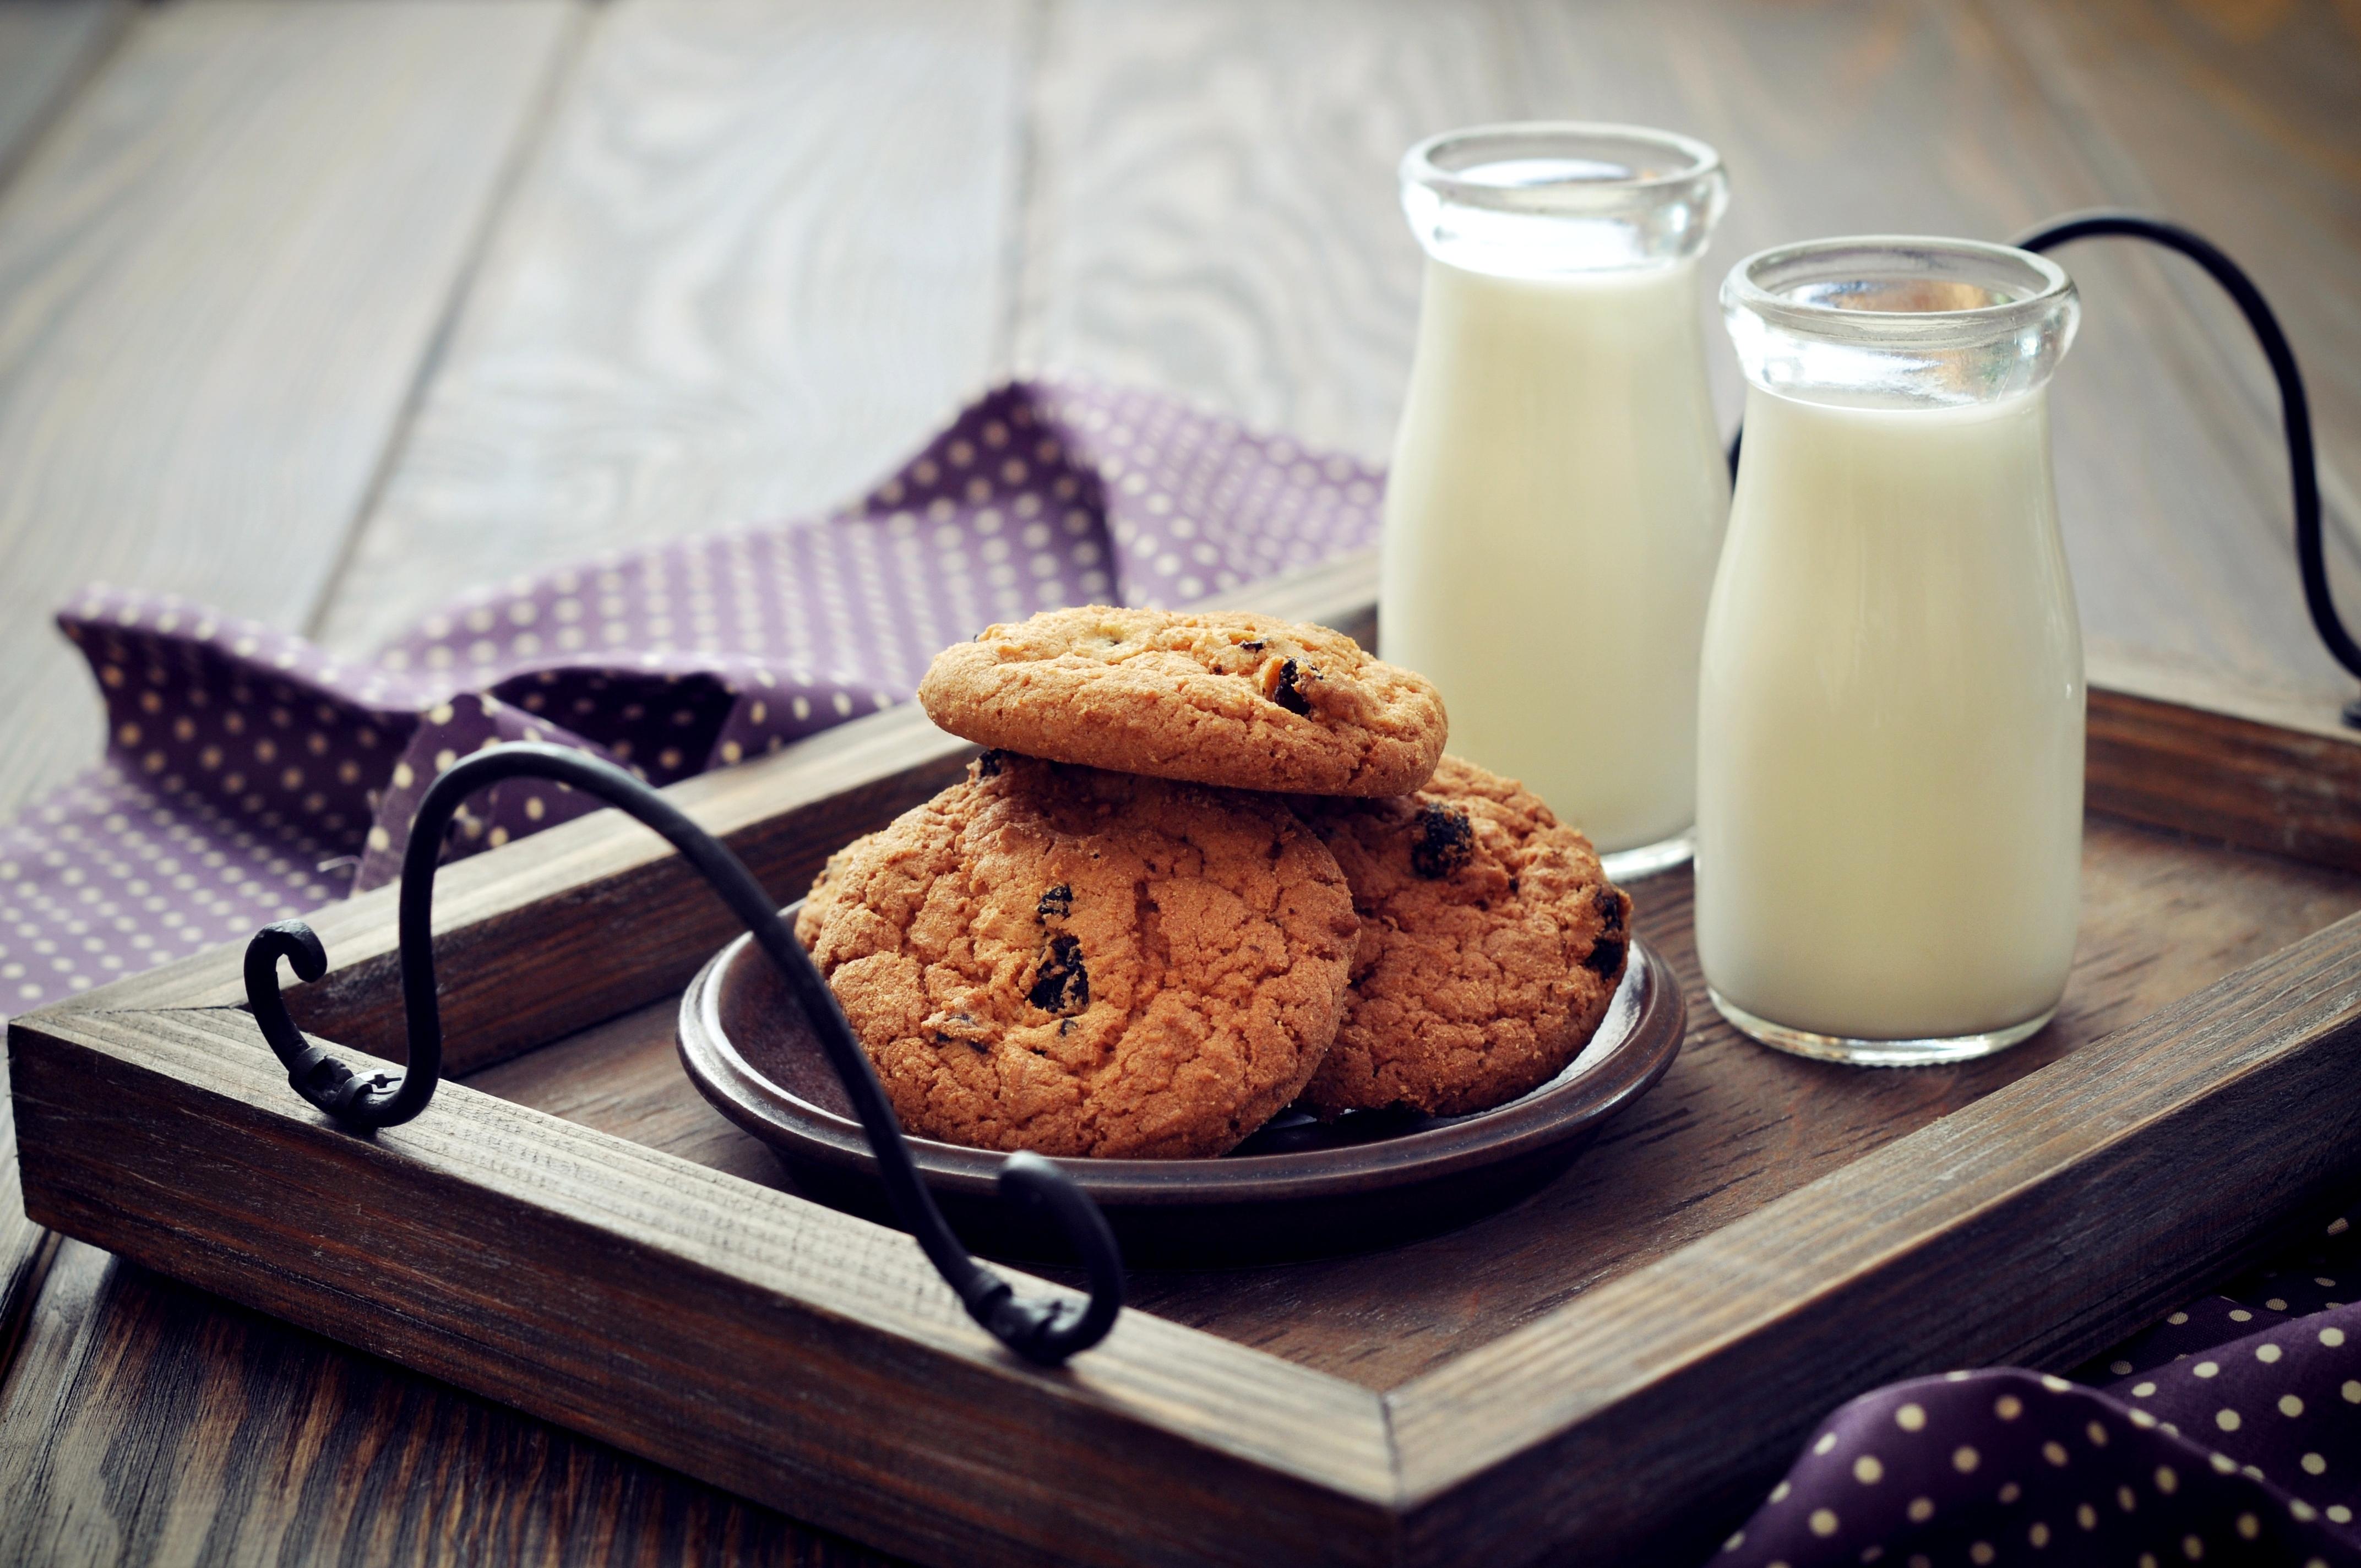 еда печенье кружка food cookies mug  № 2147303 загрузить